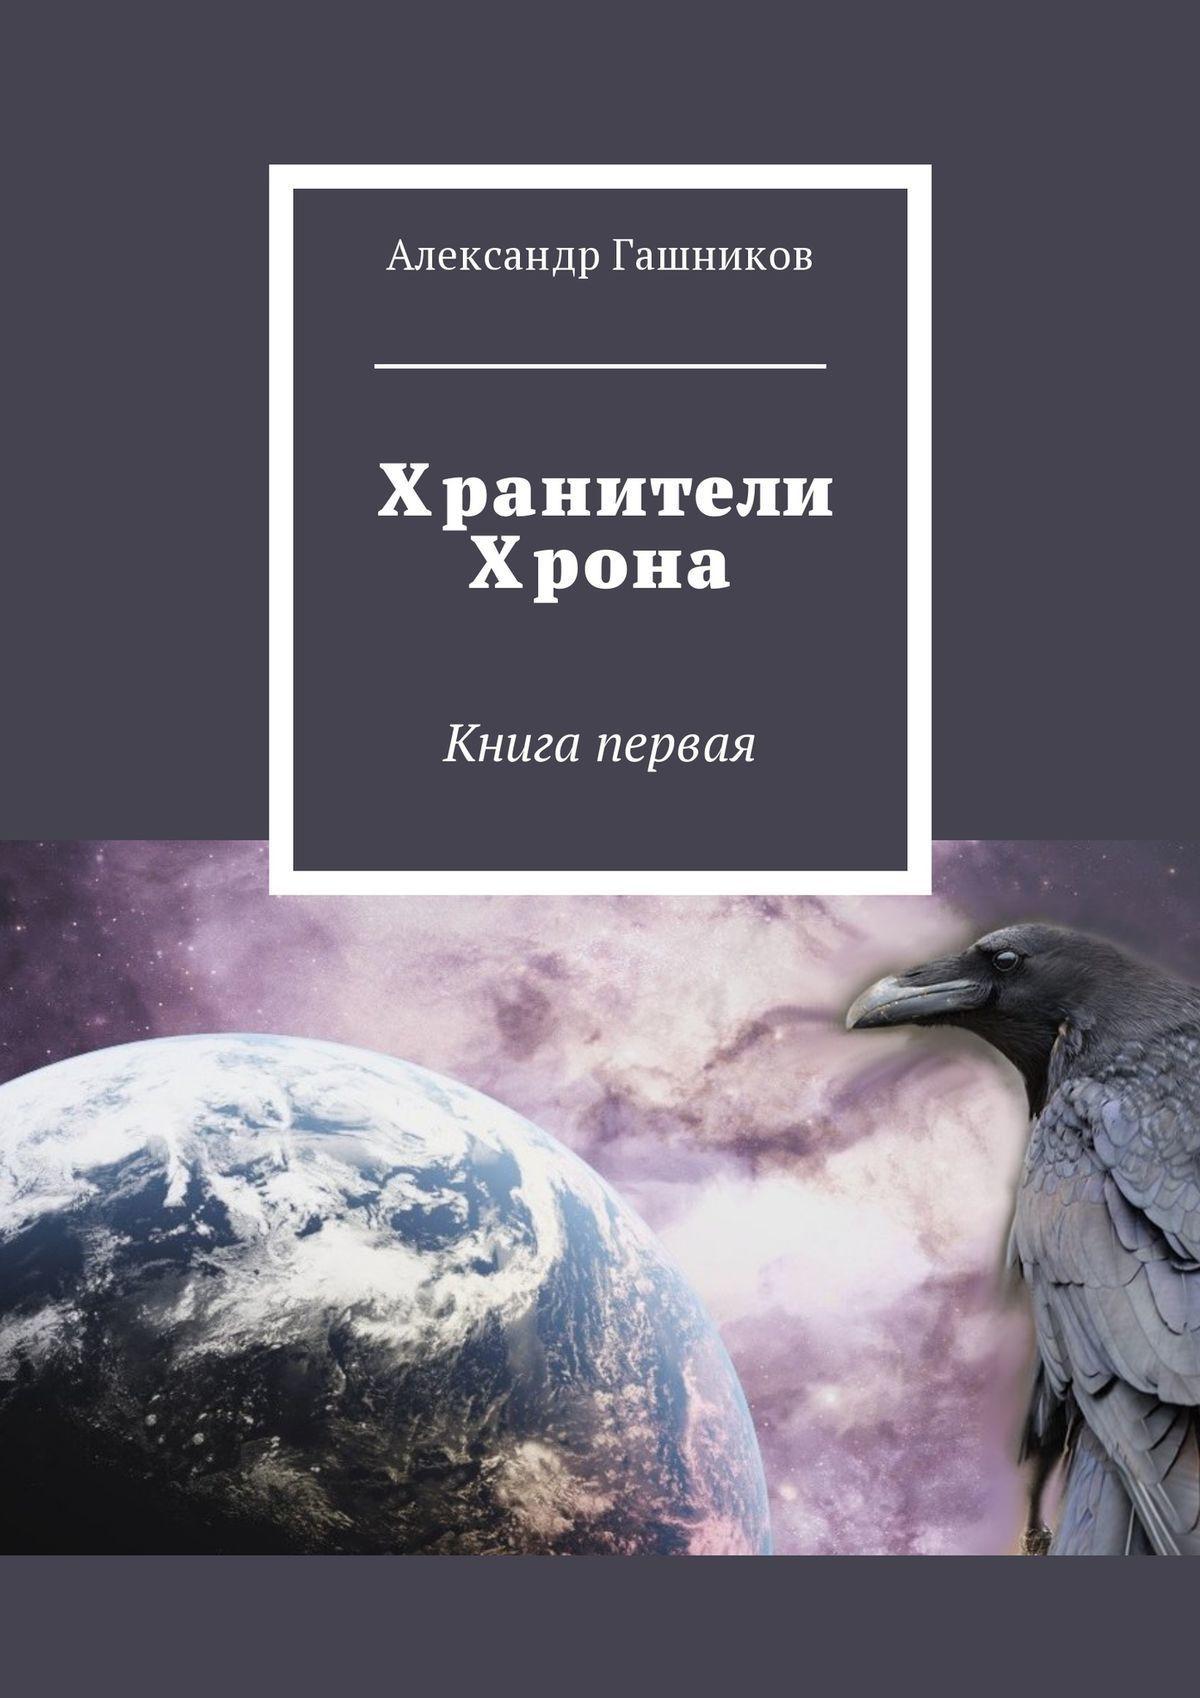 Александр Александрович Гашников Хранители Хрона. Книга первая жигули 21043 в каком салоне новую машину